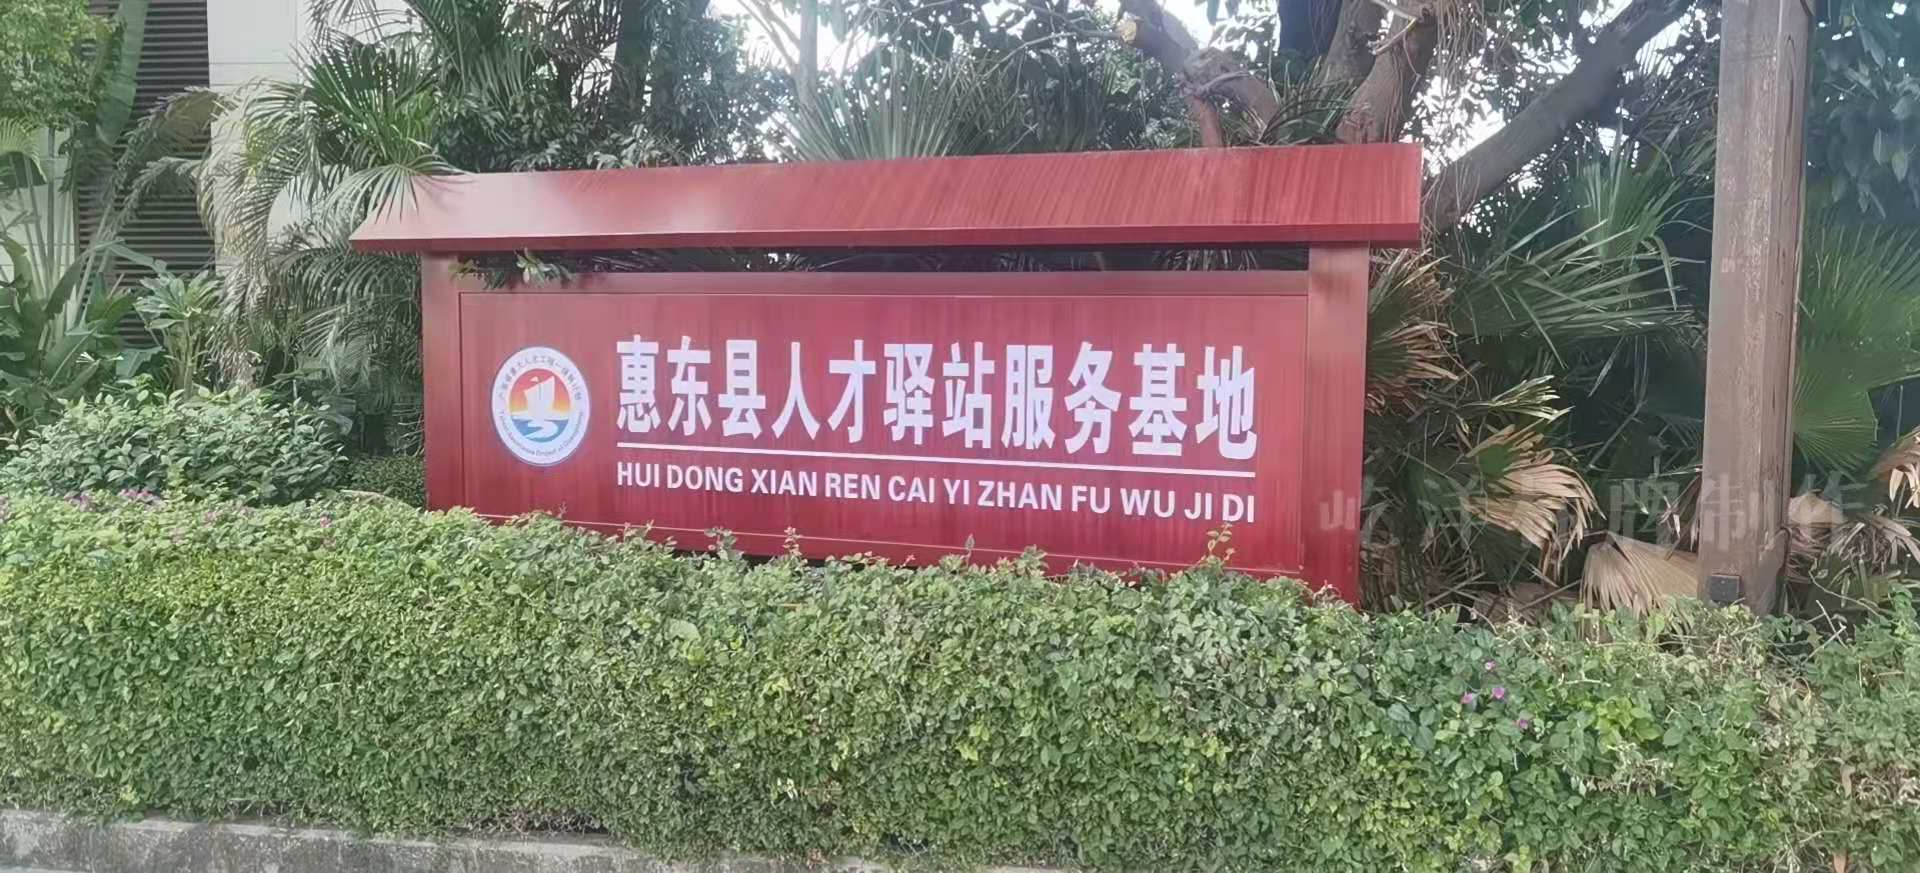 惠东县人才驿站服务基地标识